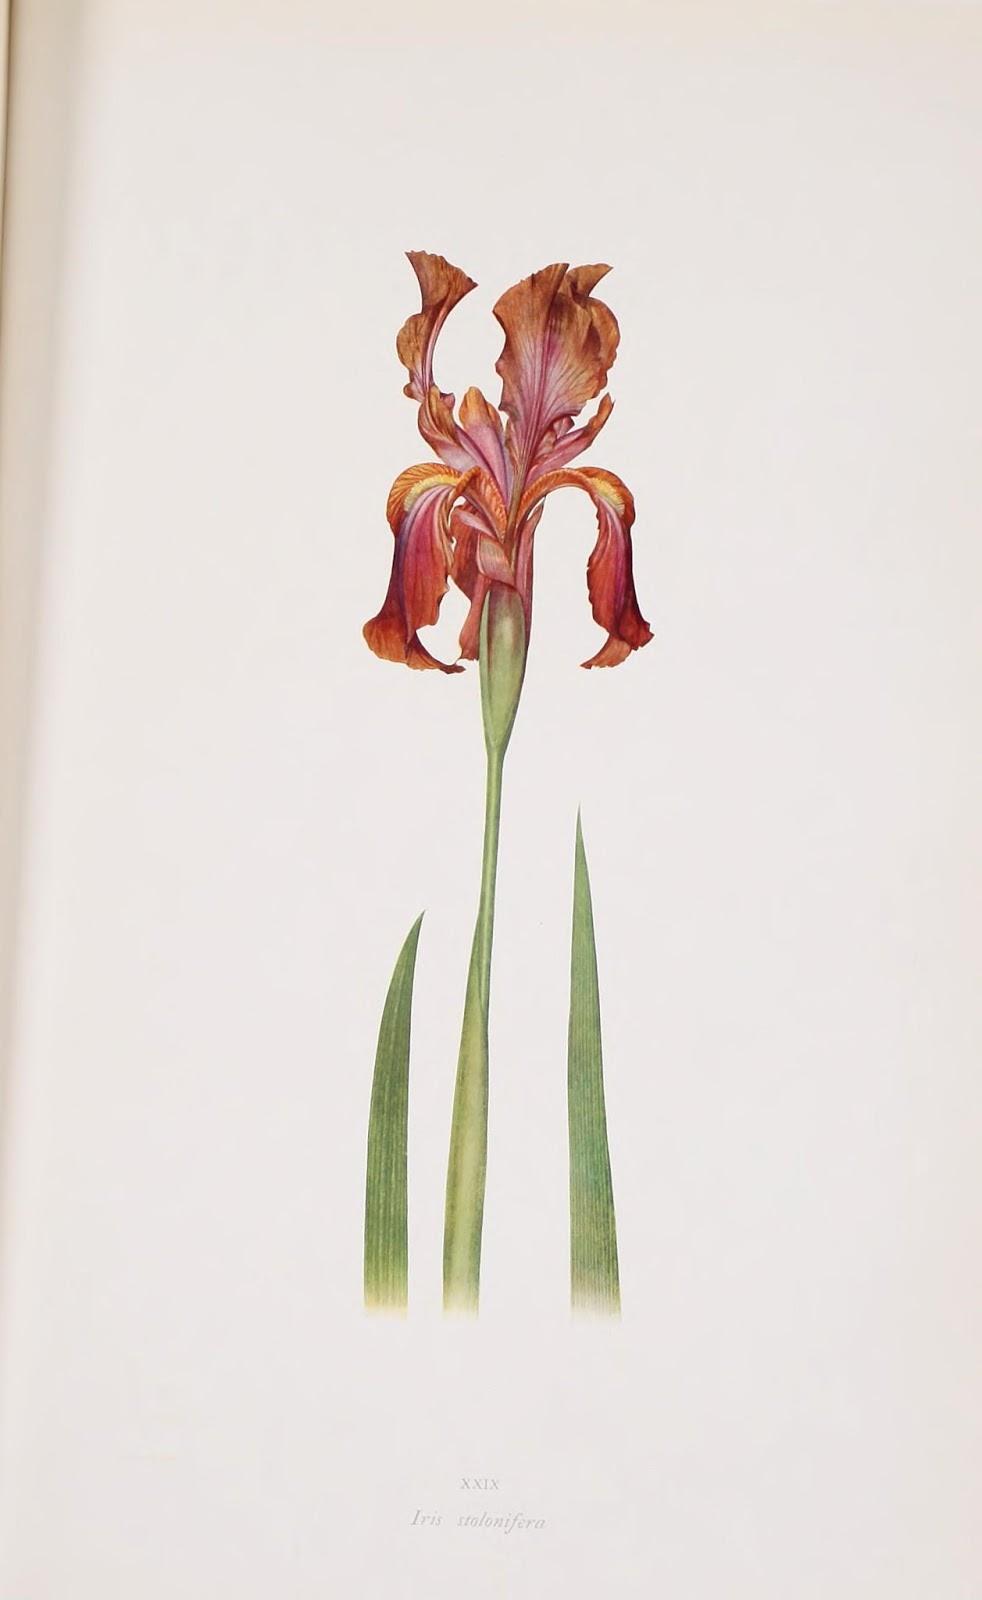 flor de lirio color granate